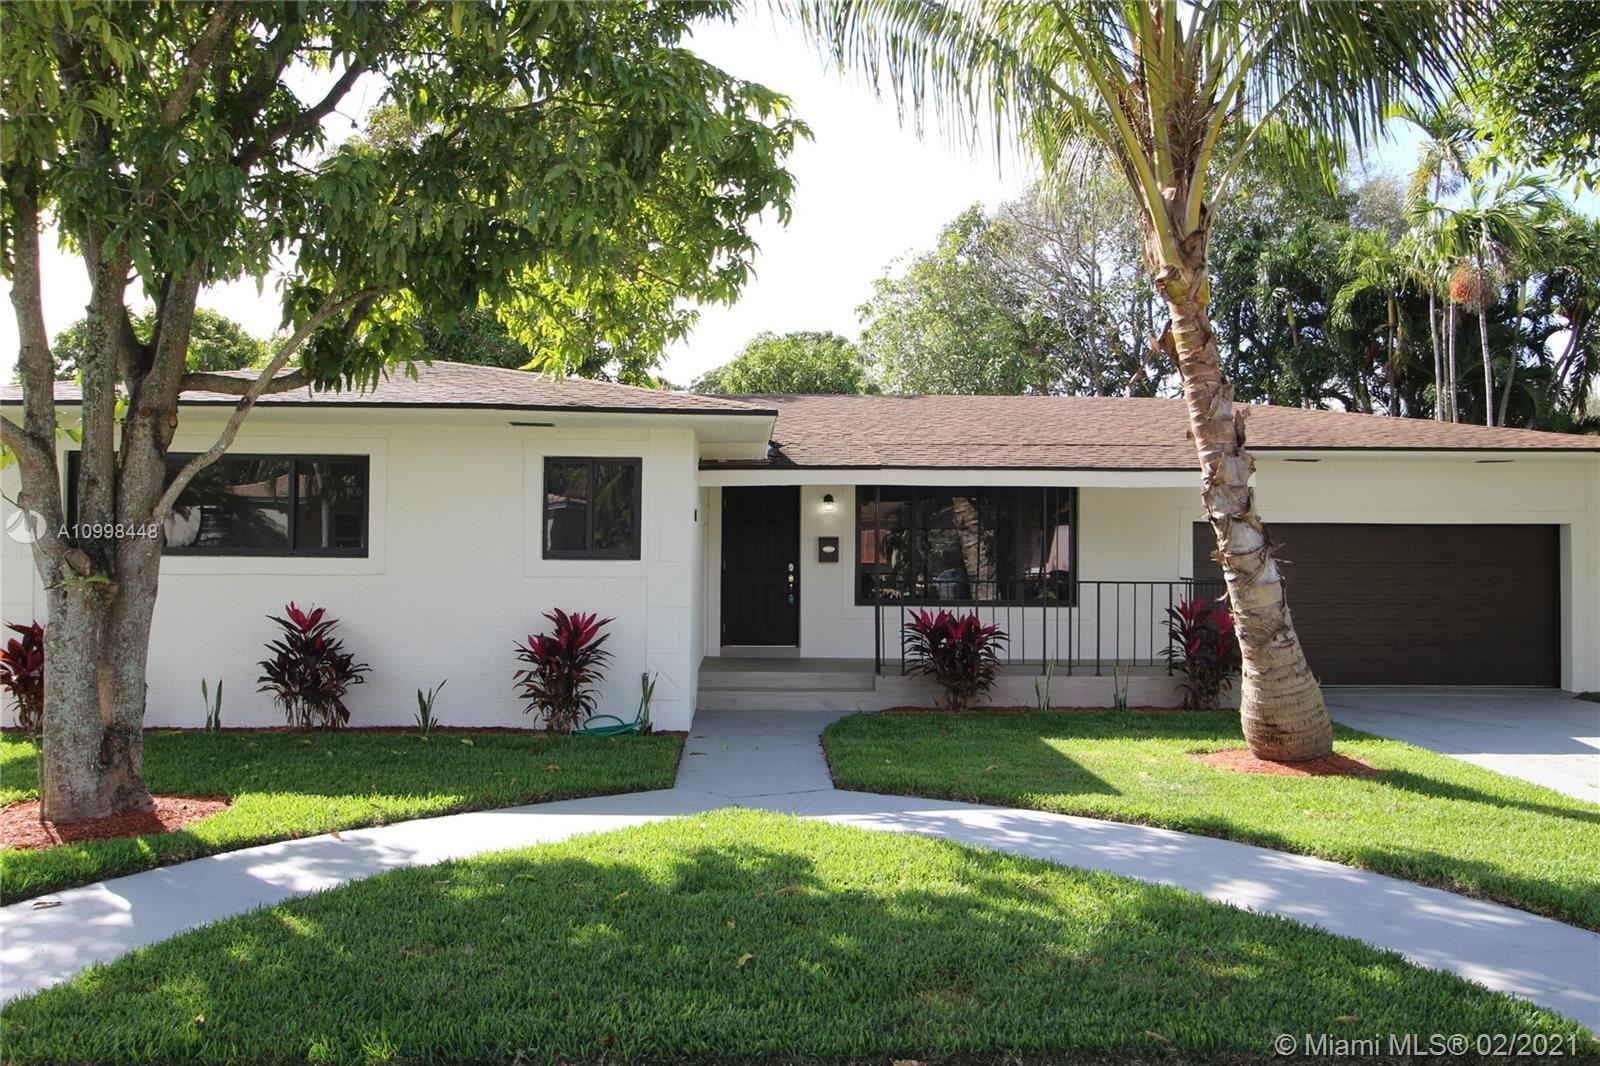 Photo of 1440 NE 137th St, North Miami, FL 33161 (MLS # A10998448)